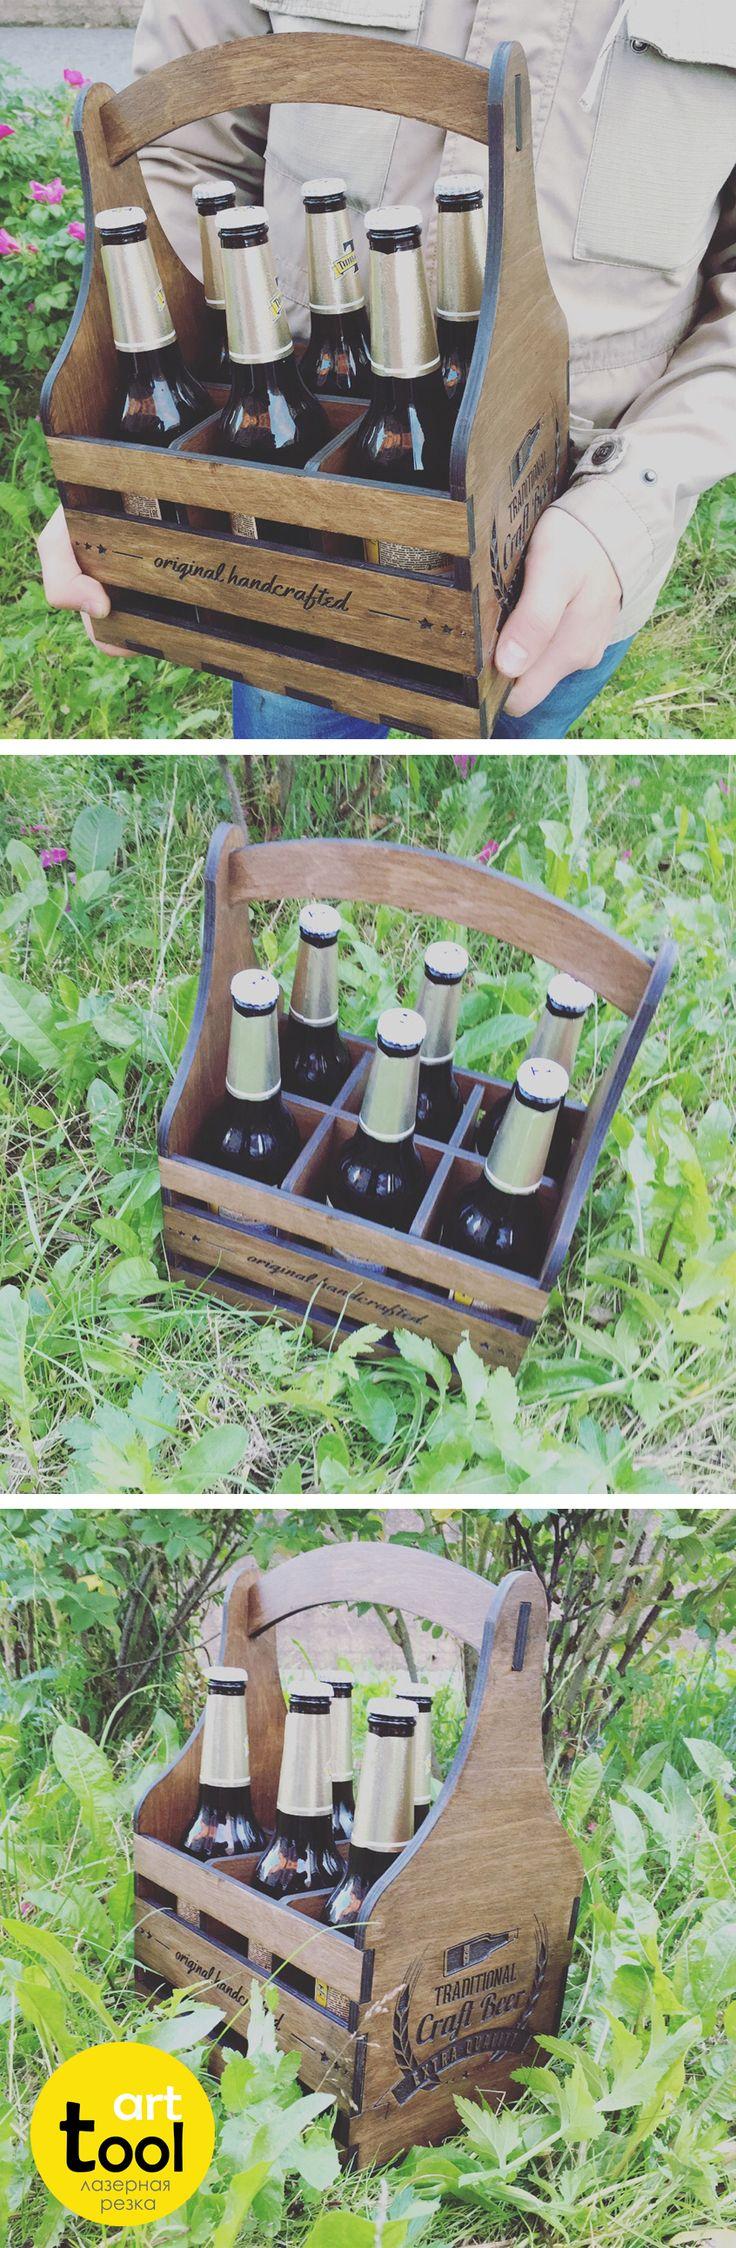 Деревянный ящик для пива, 6 секций под бутылки 0,5л, цвет палисандр